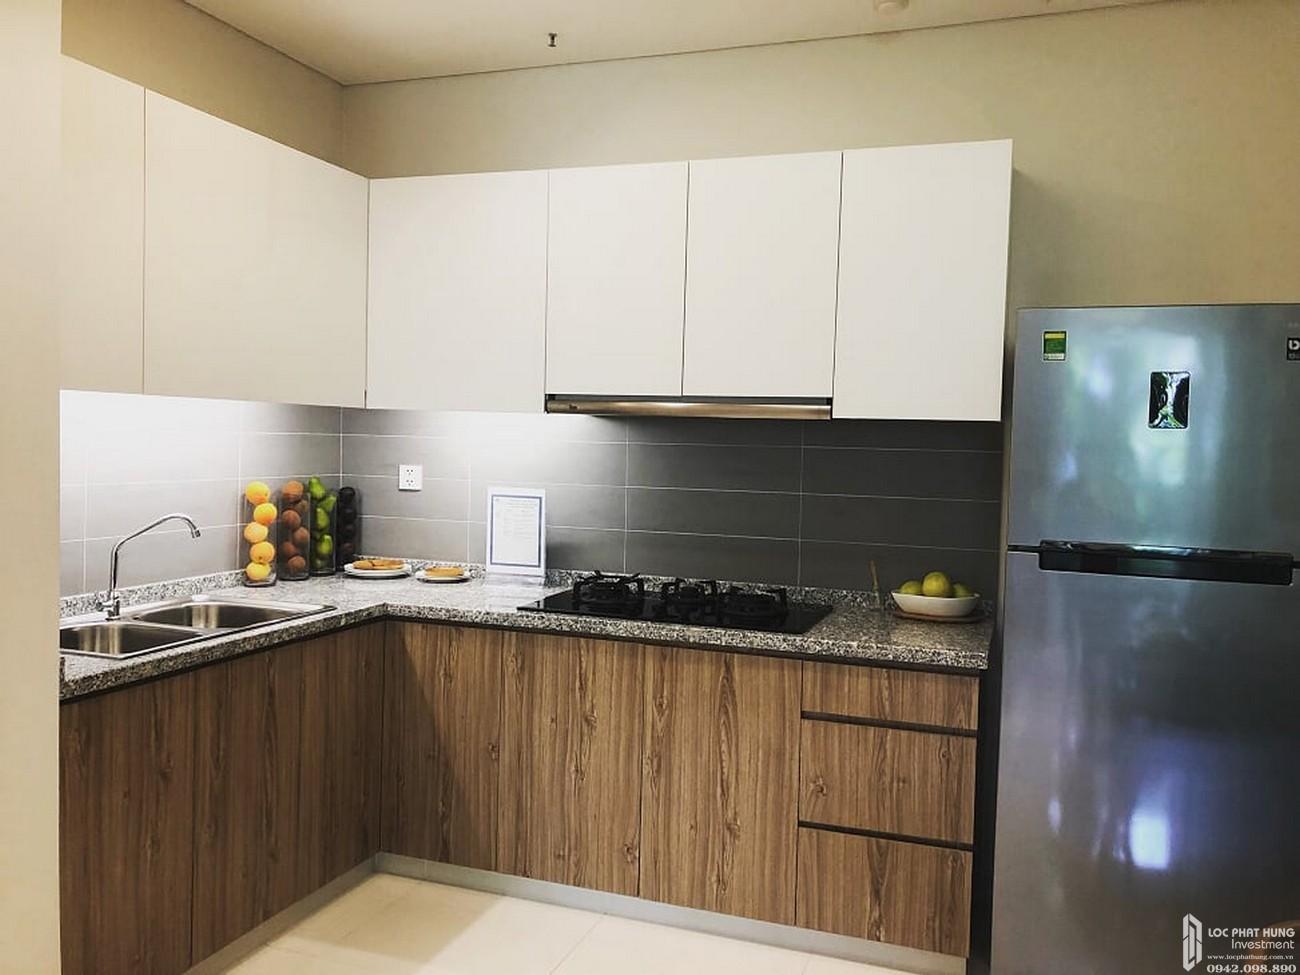 Nhà mẫu dự án căn hộ chung cư Habitat Thuận An Đường Hữu Nghị chủ đầu tư VSIP Sembcorp Gateway